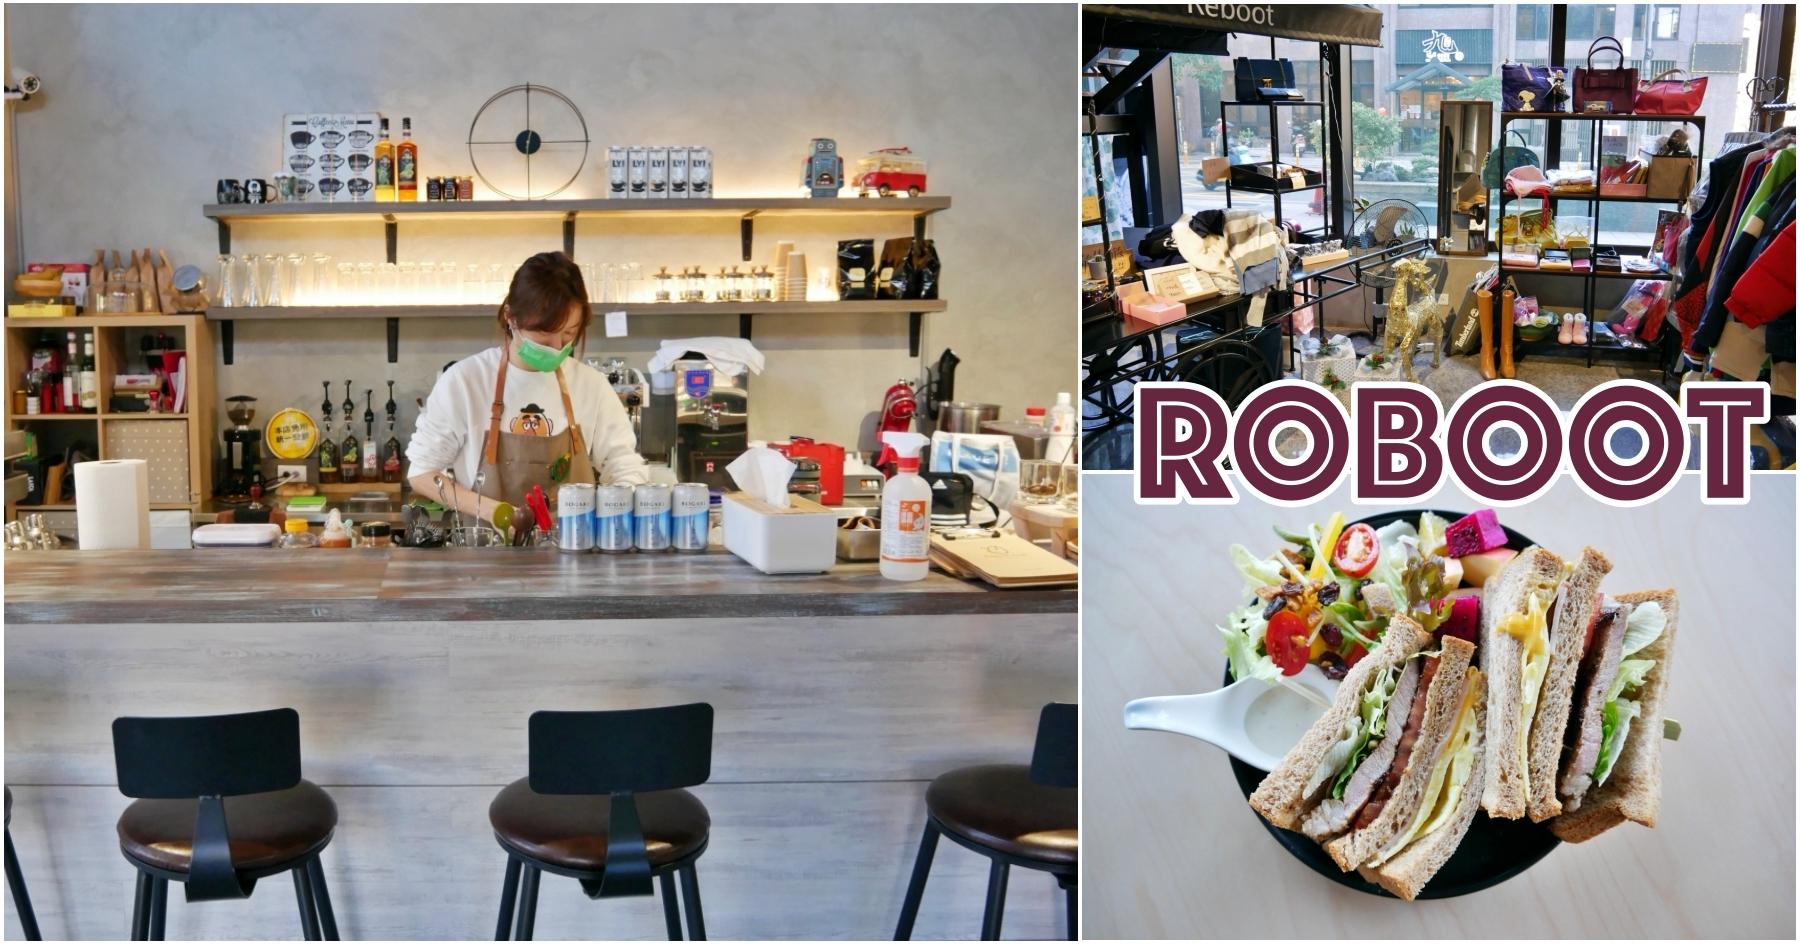 [桃園美食]Reboot Cafe 輕食早午餐&咖啡專賣店~工業風二層樓用餐環境.另有二手商品展售 @VIVIYU小世界